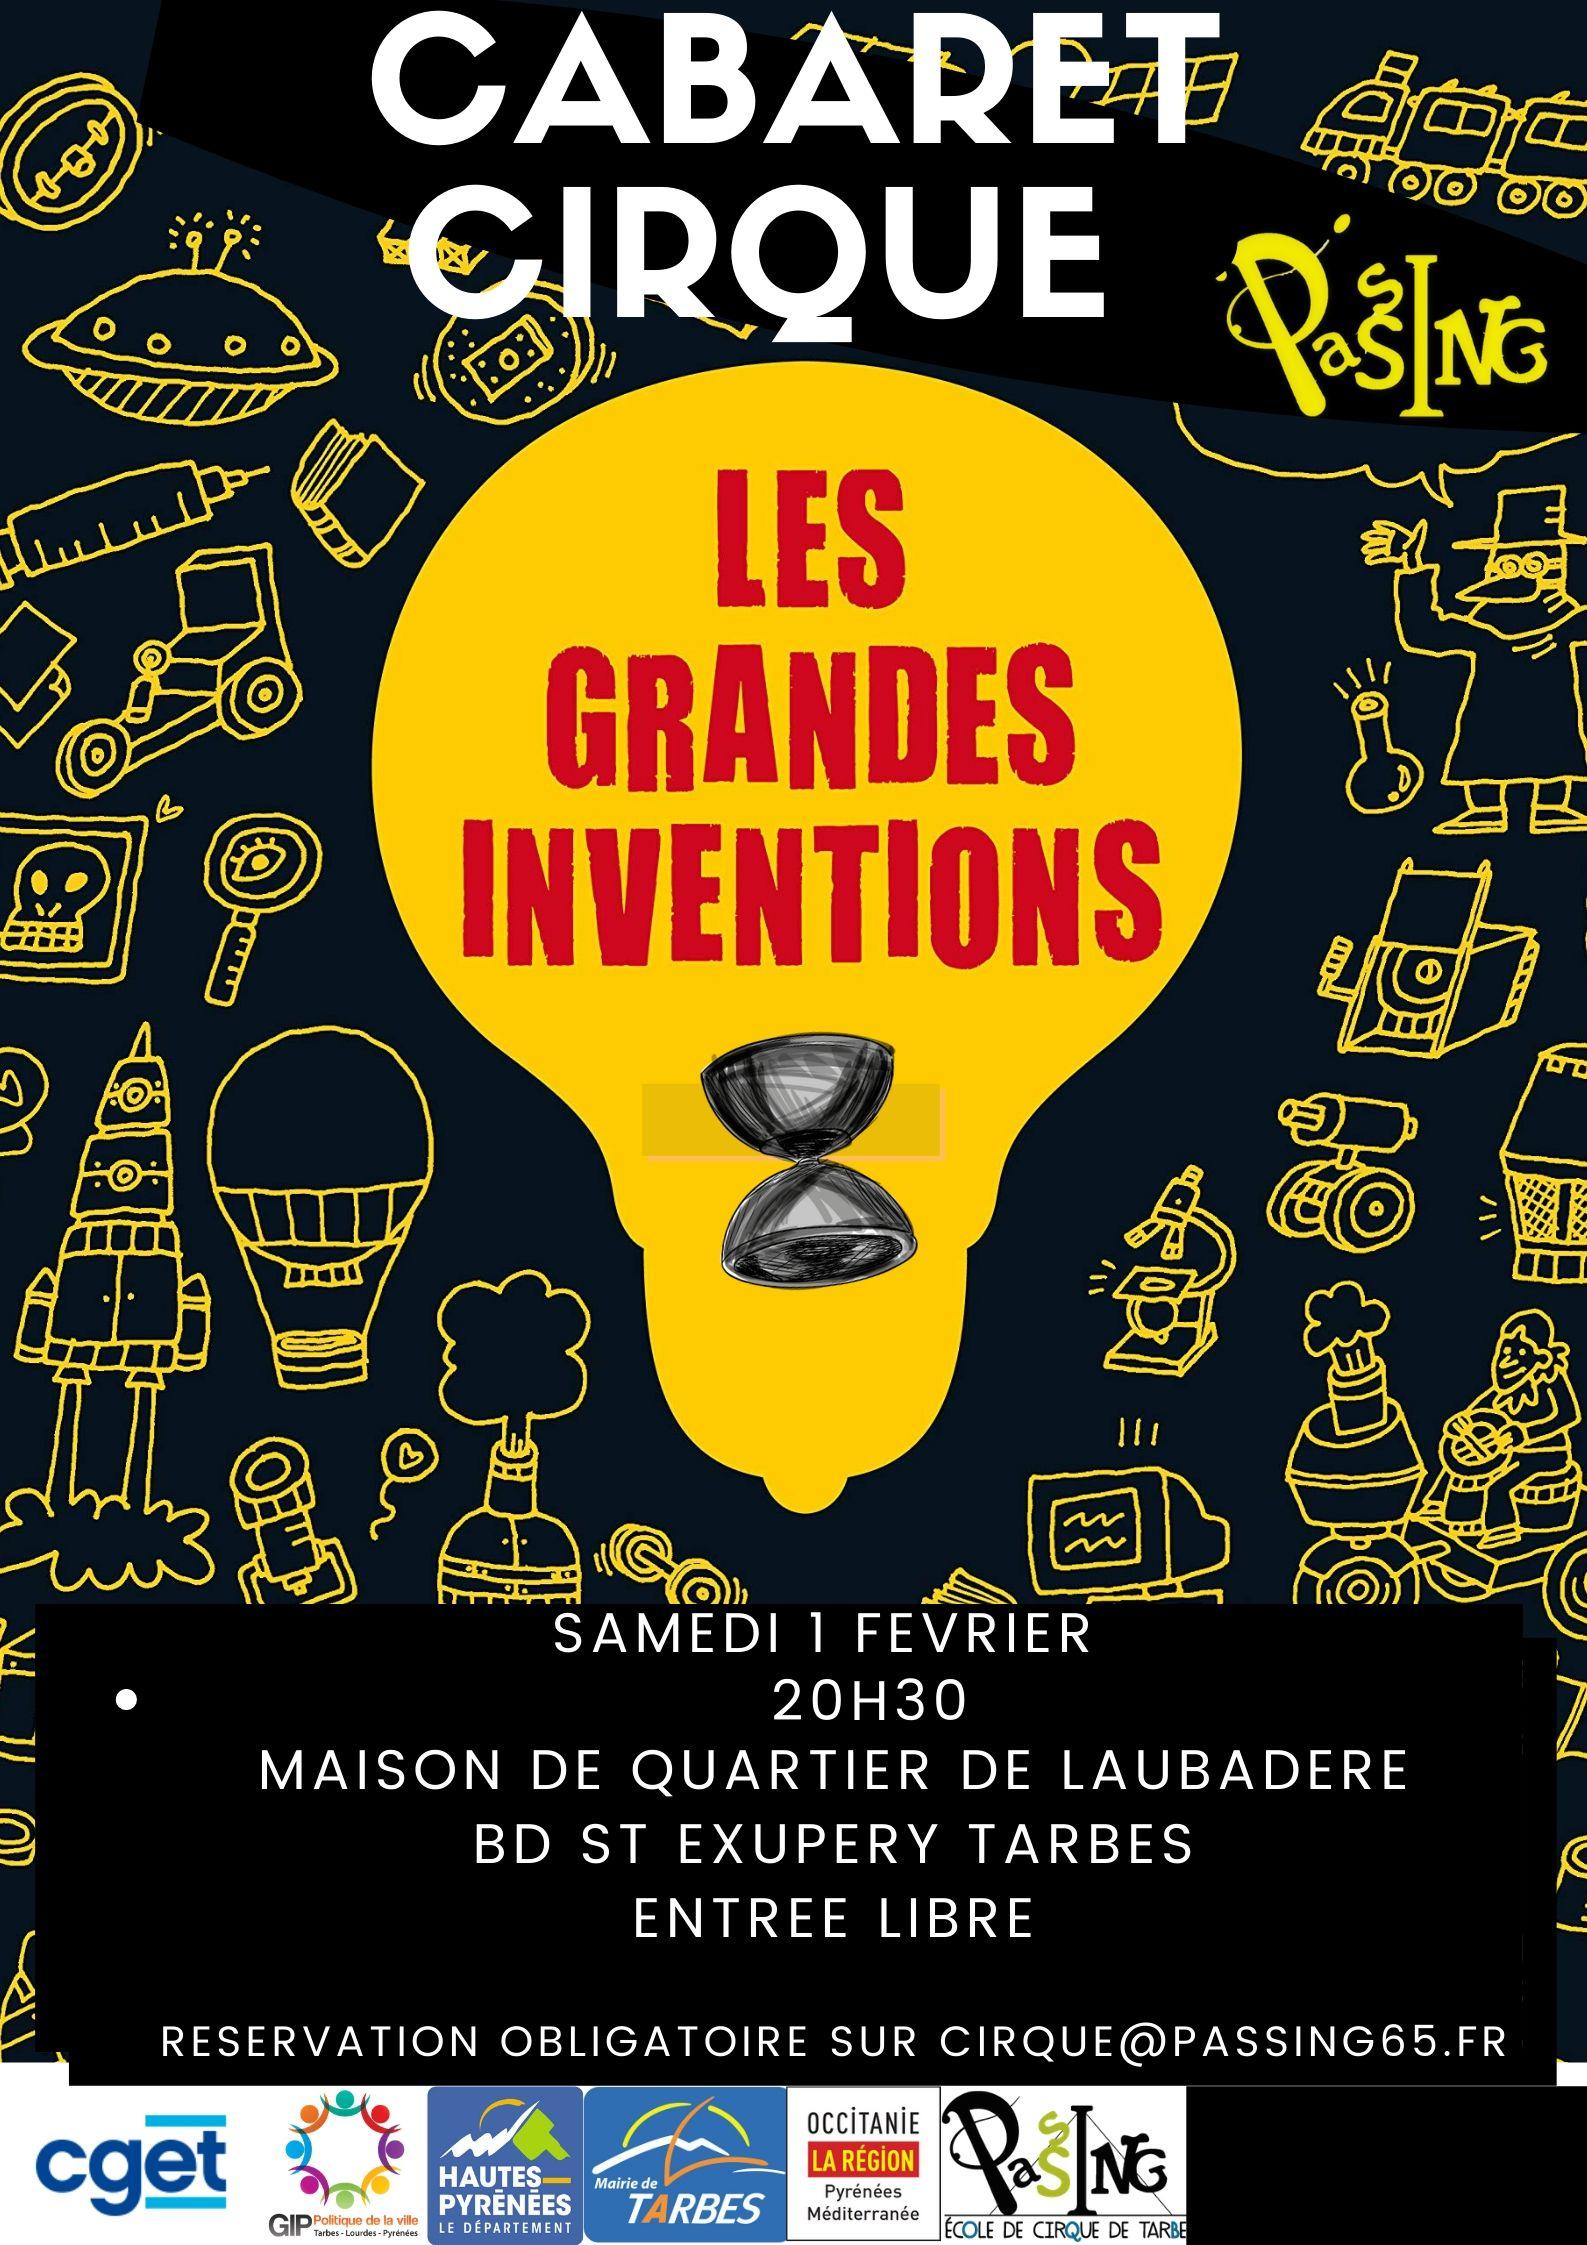 Cabaret Cirque : Les Grandes inventions.